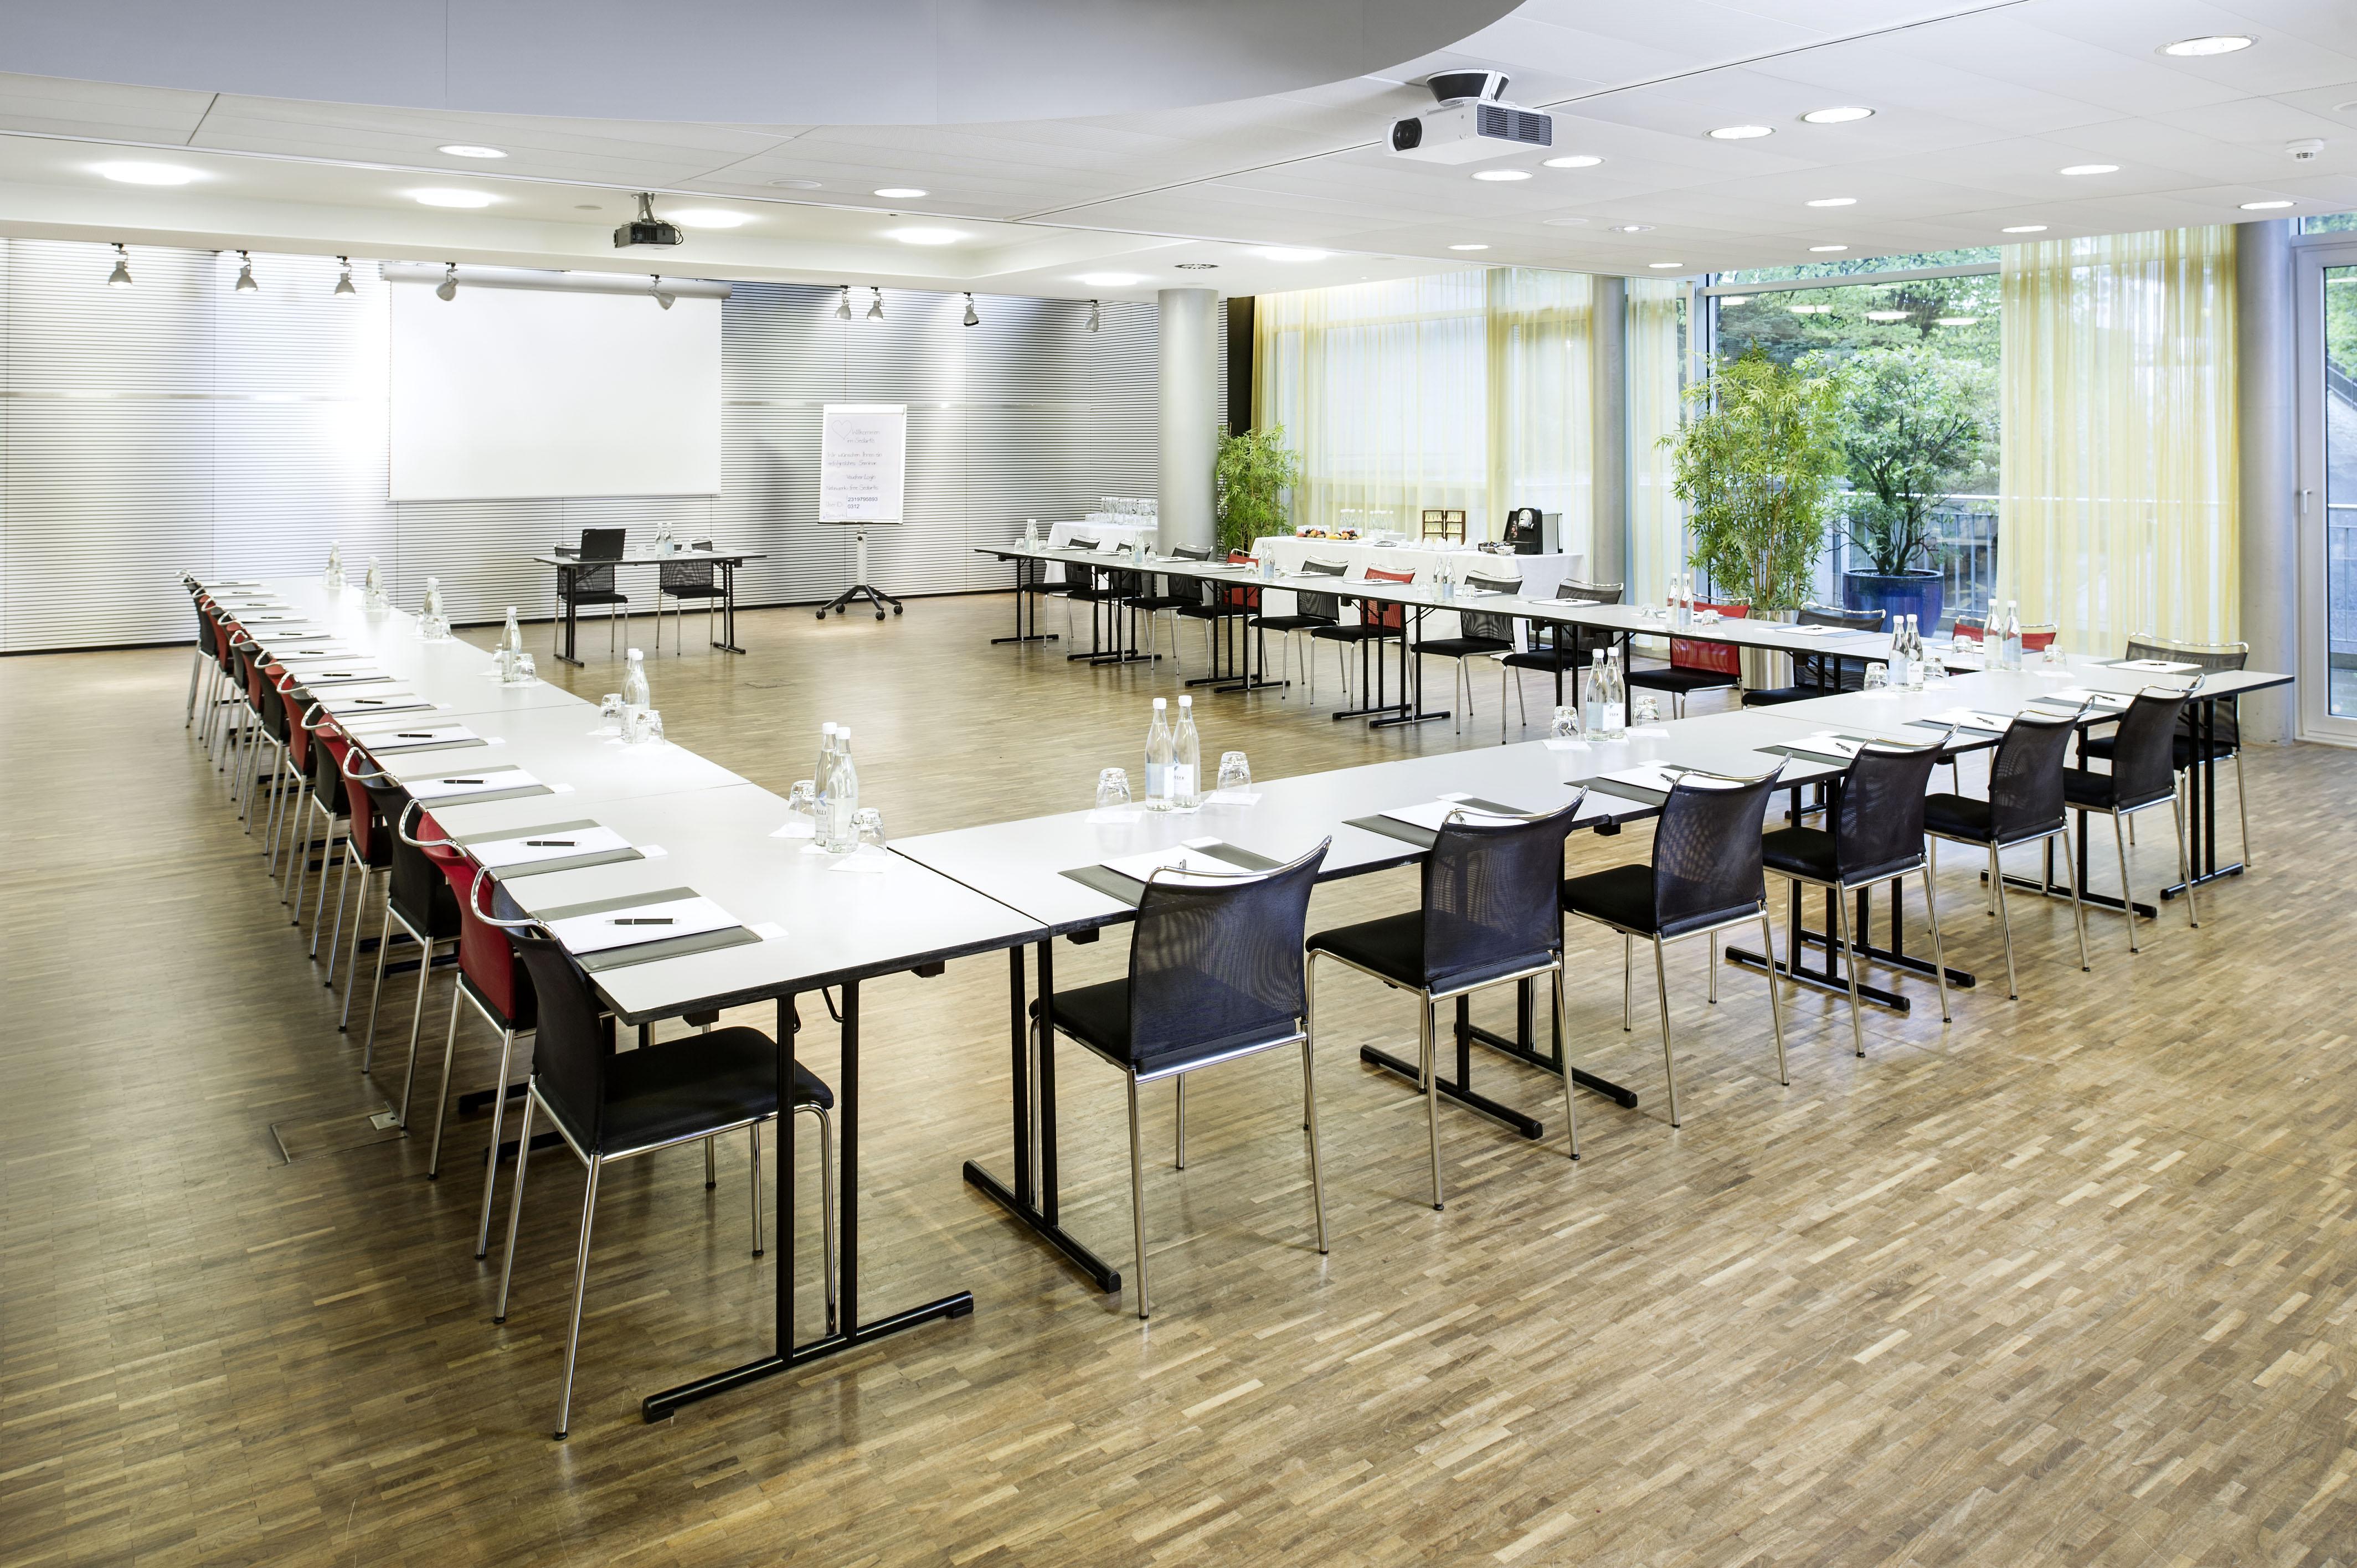 Seminarraum unserer Pensionierungsseminare im Hotel Sedartis, Thalwil